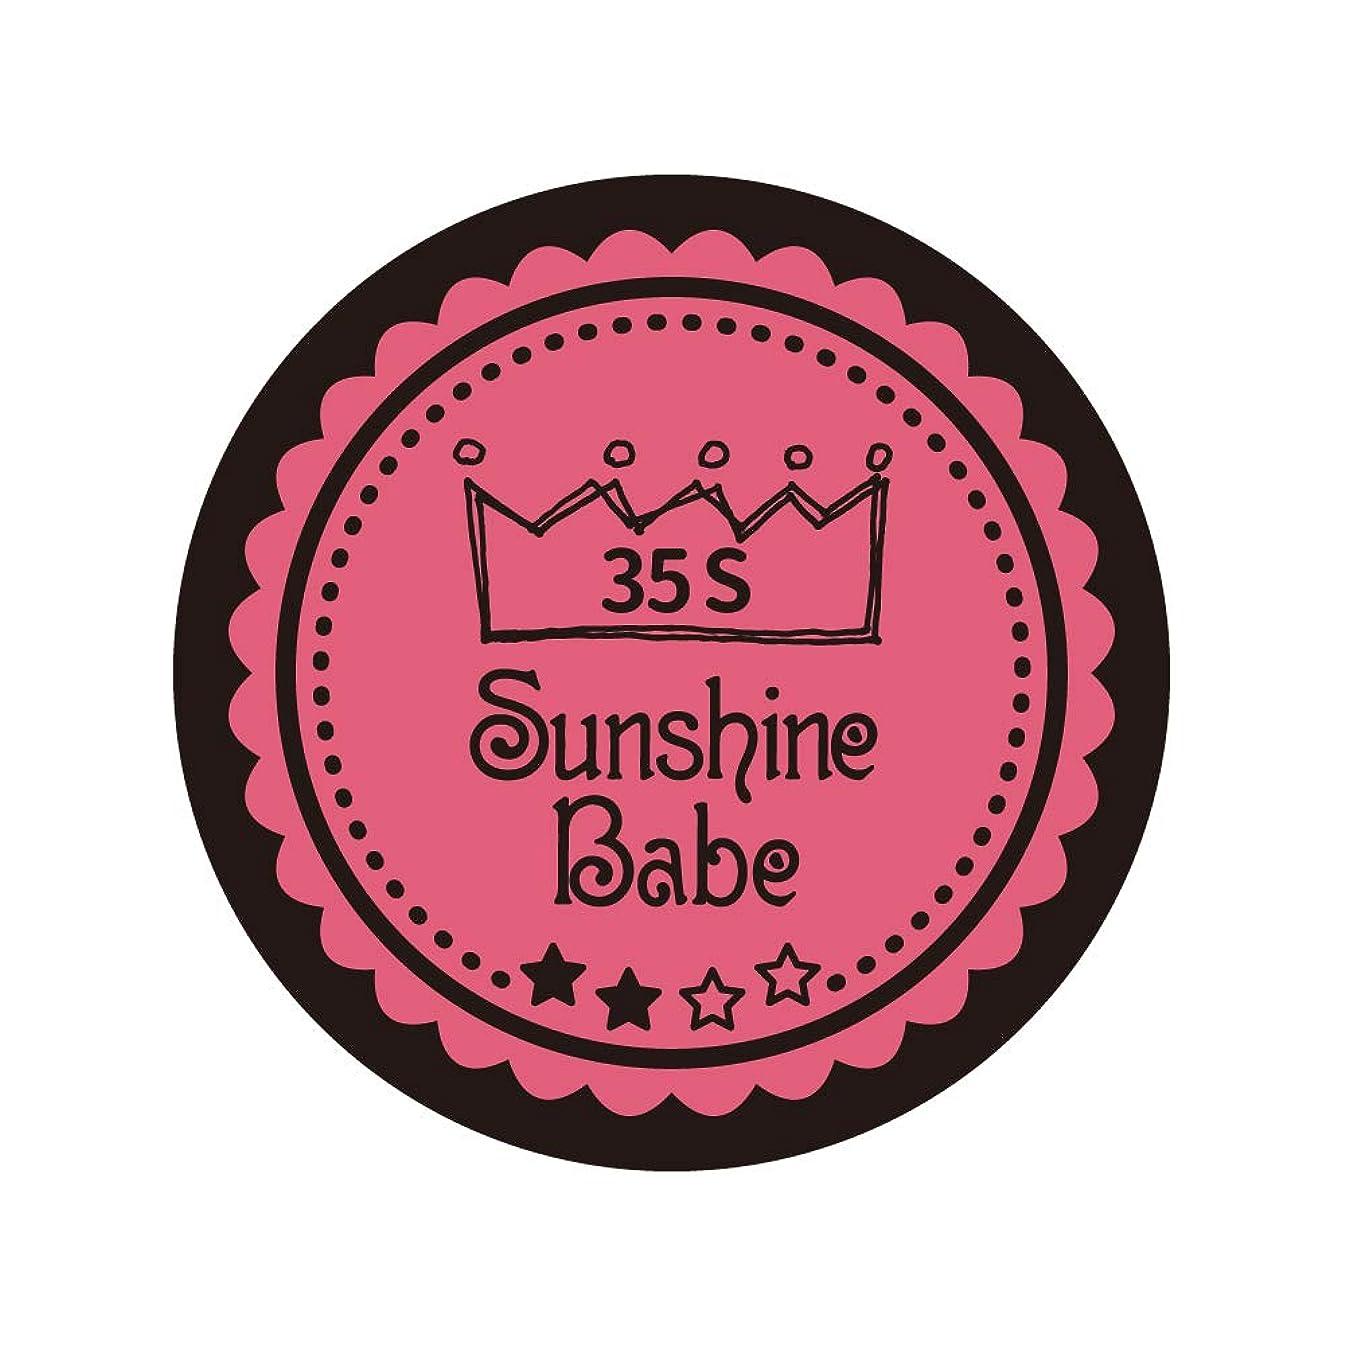 無臭ダーツ独裁者Sunshine Babe カラージェル 35S ローズピンク 4g UV/LED対応